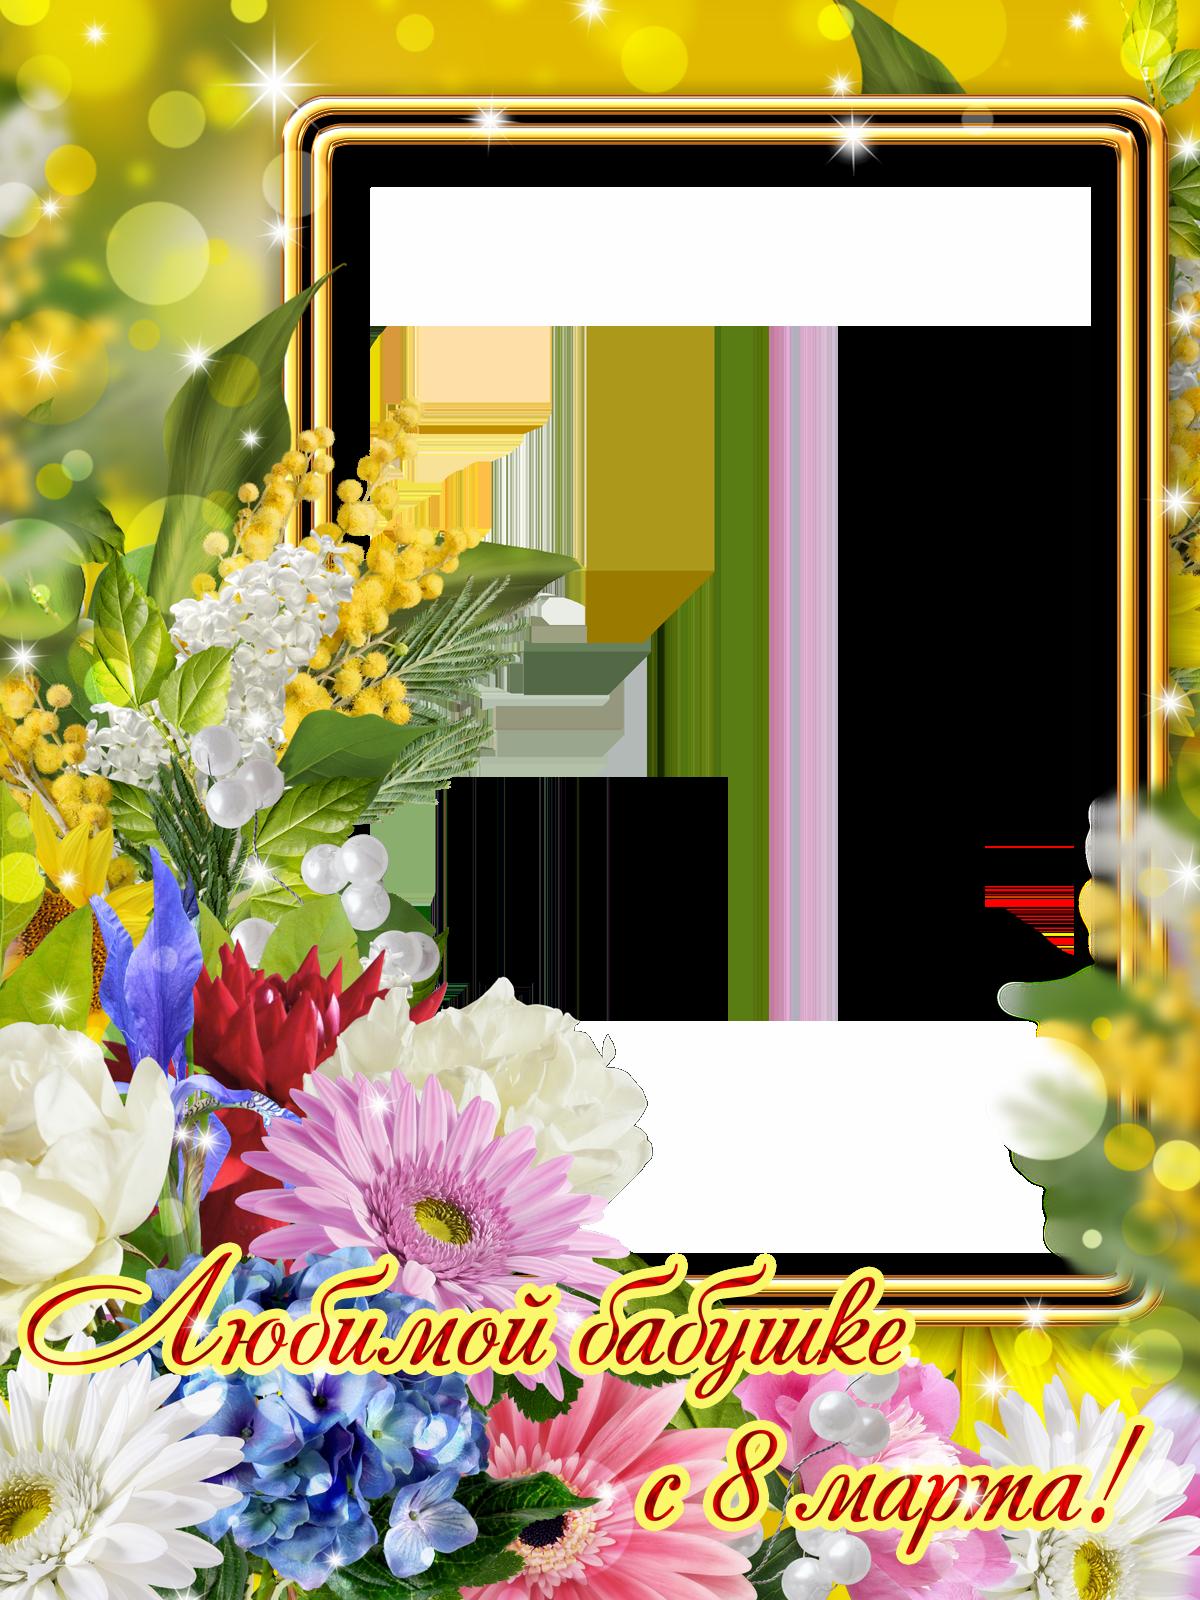 Открытки марта, открытка для фотошопа с днем рождения мама